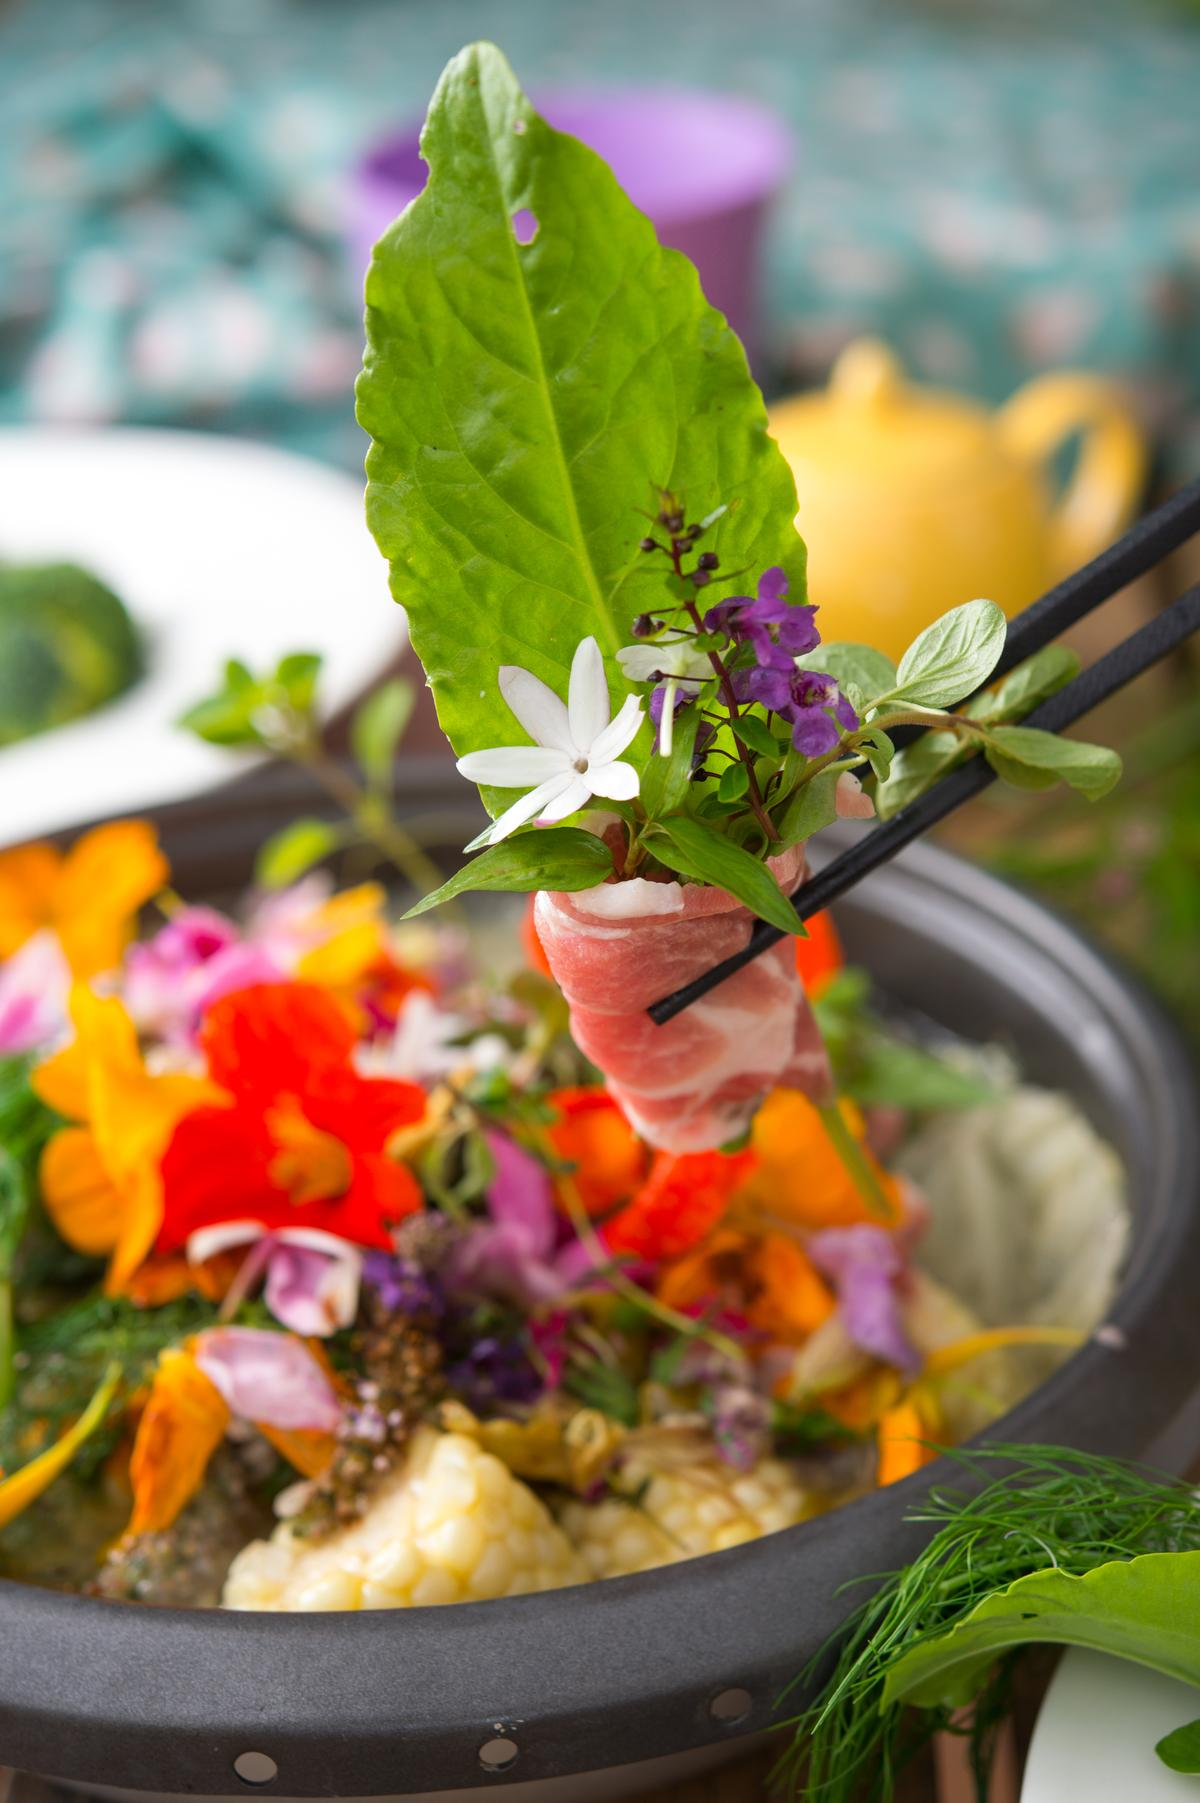 「香草束花火鍋」的「第1把香草束」鍋,形如深秋的花園水池,香草氣息濃郁。(800元套餐菜色)